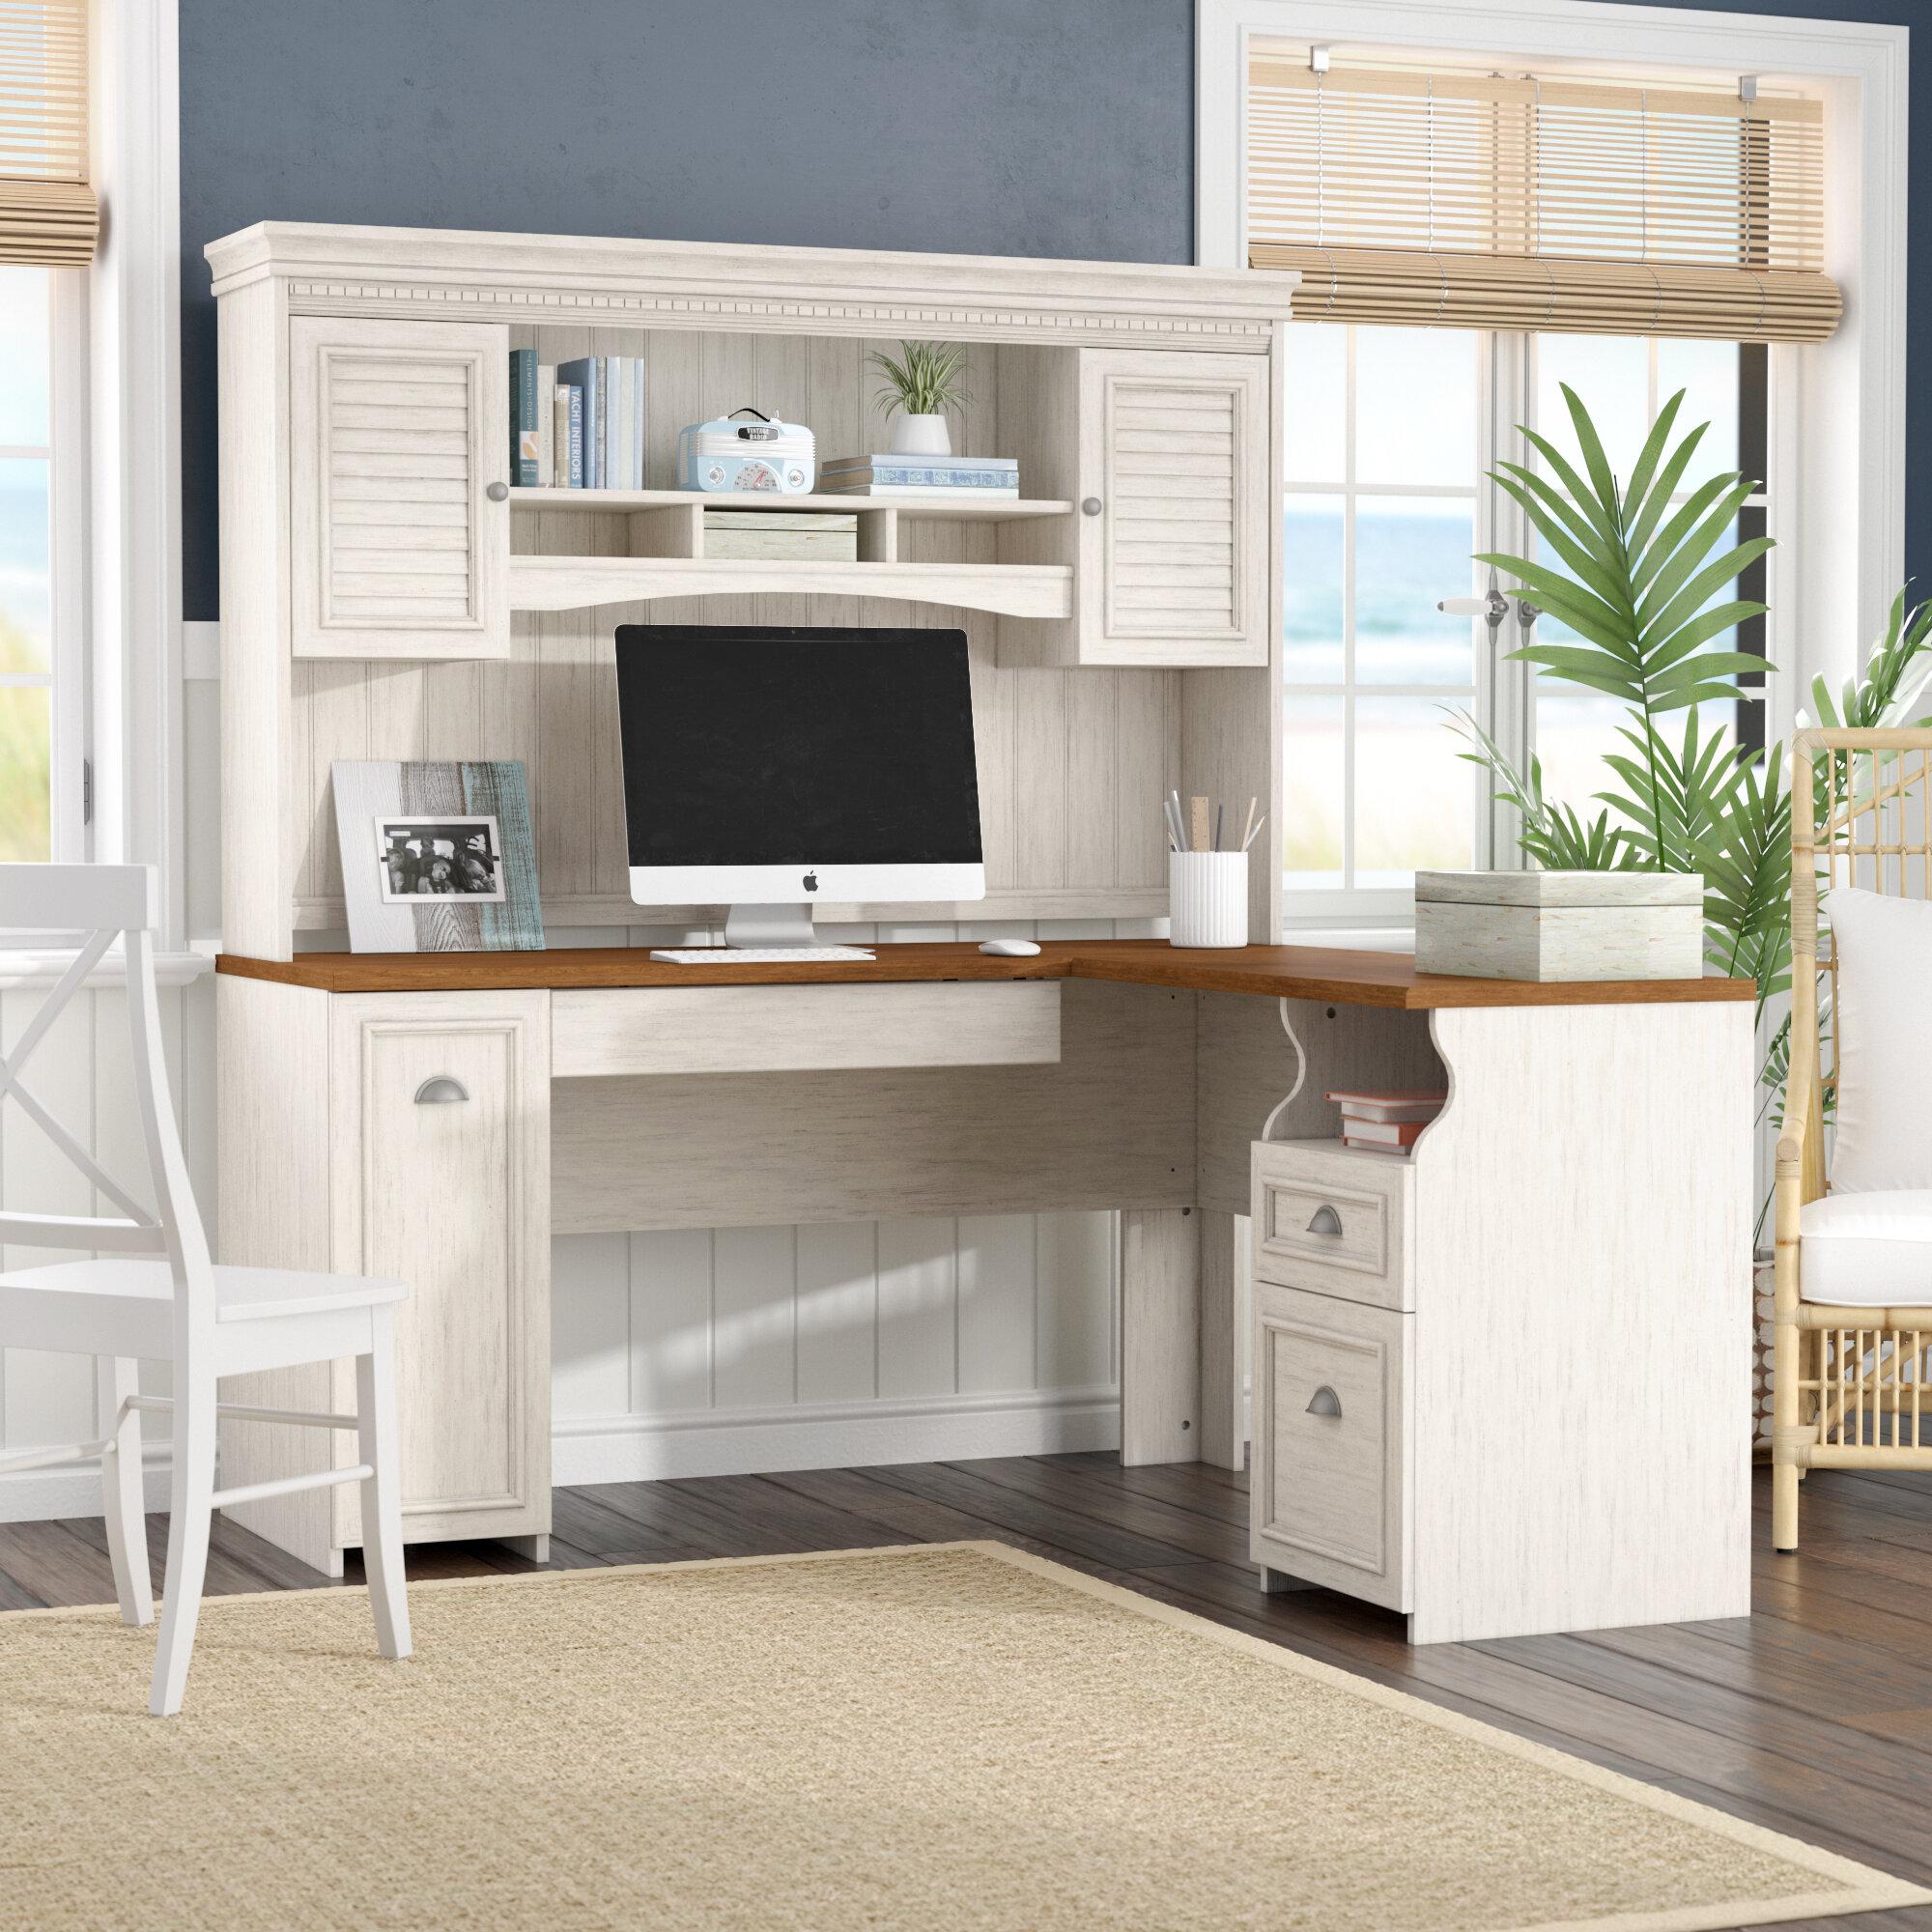 metal desks desk x computer l product master hayneedle glass shaped cfm edison and frame walker